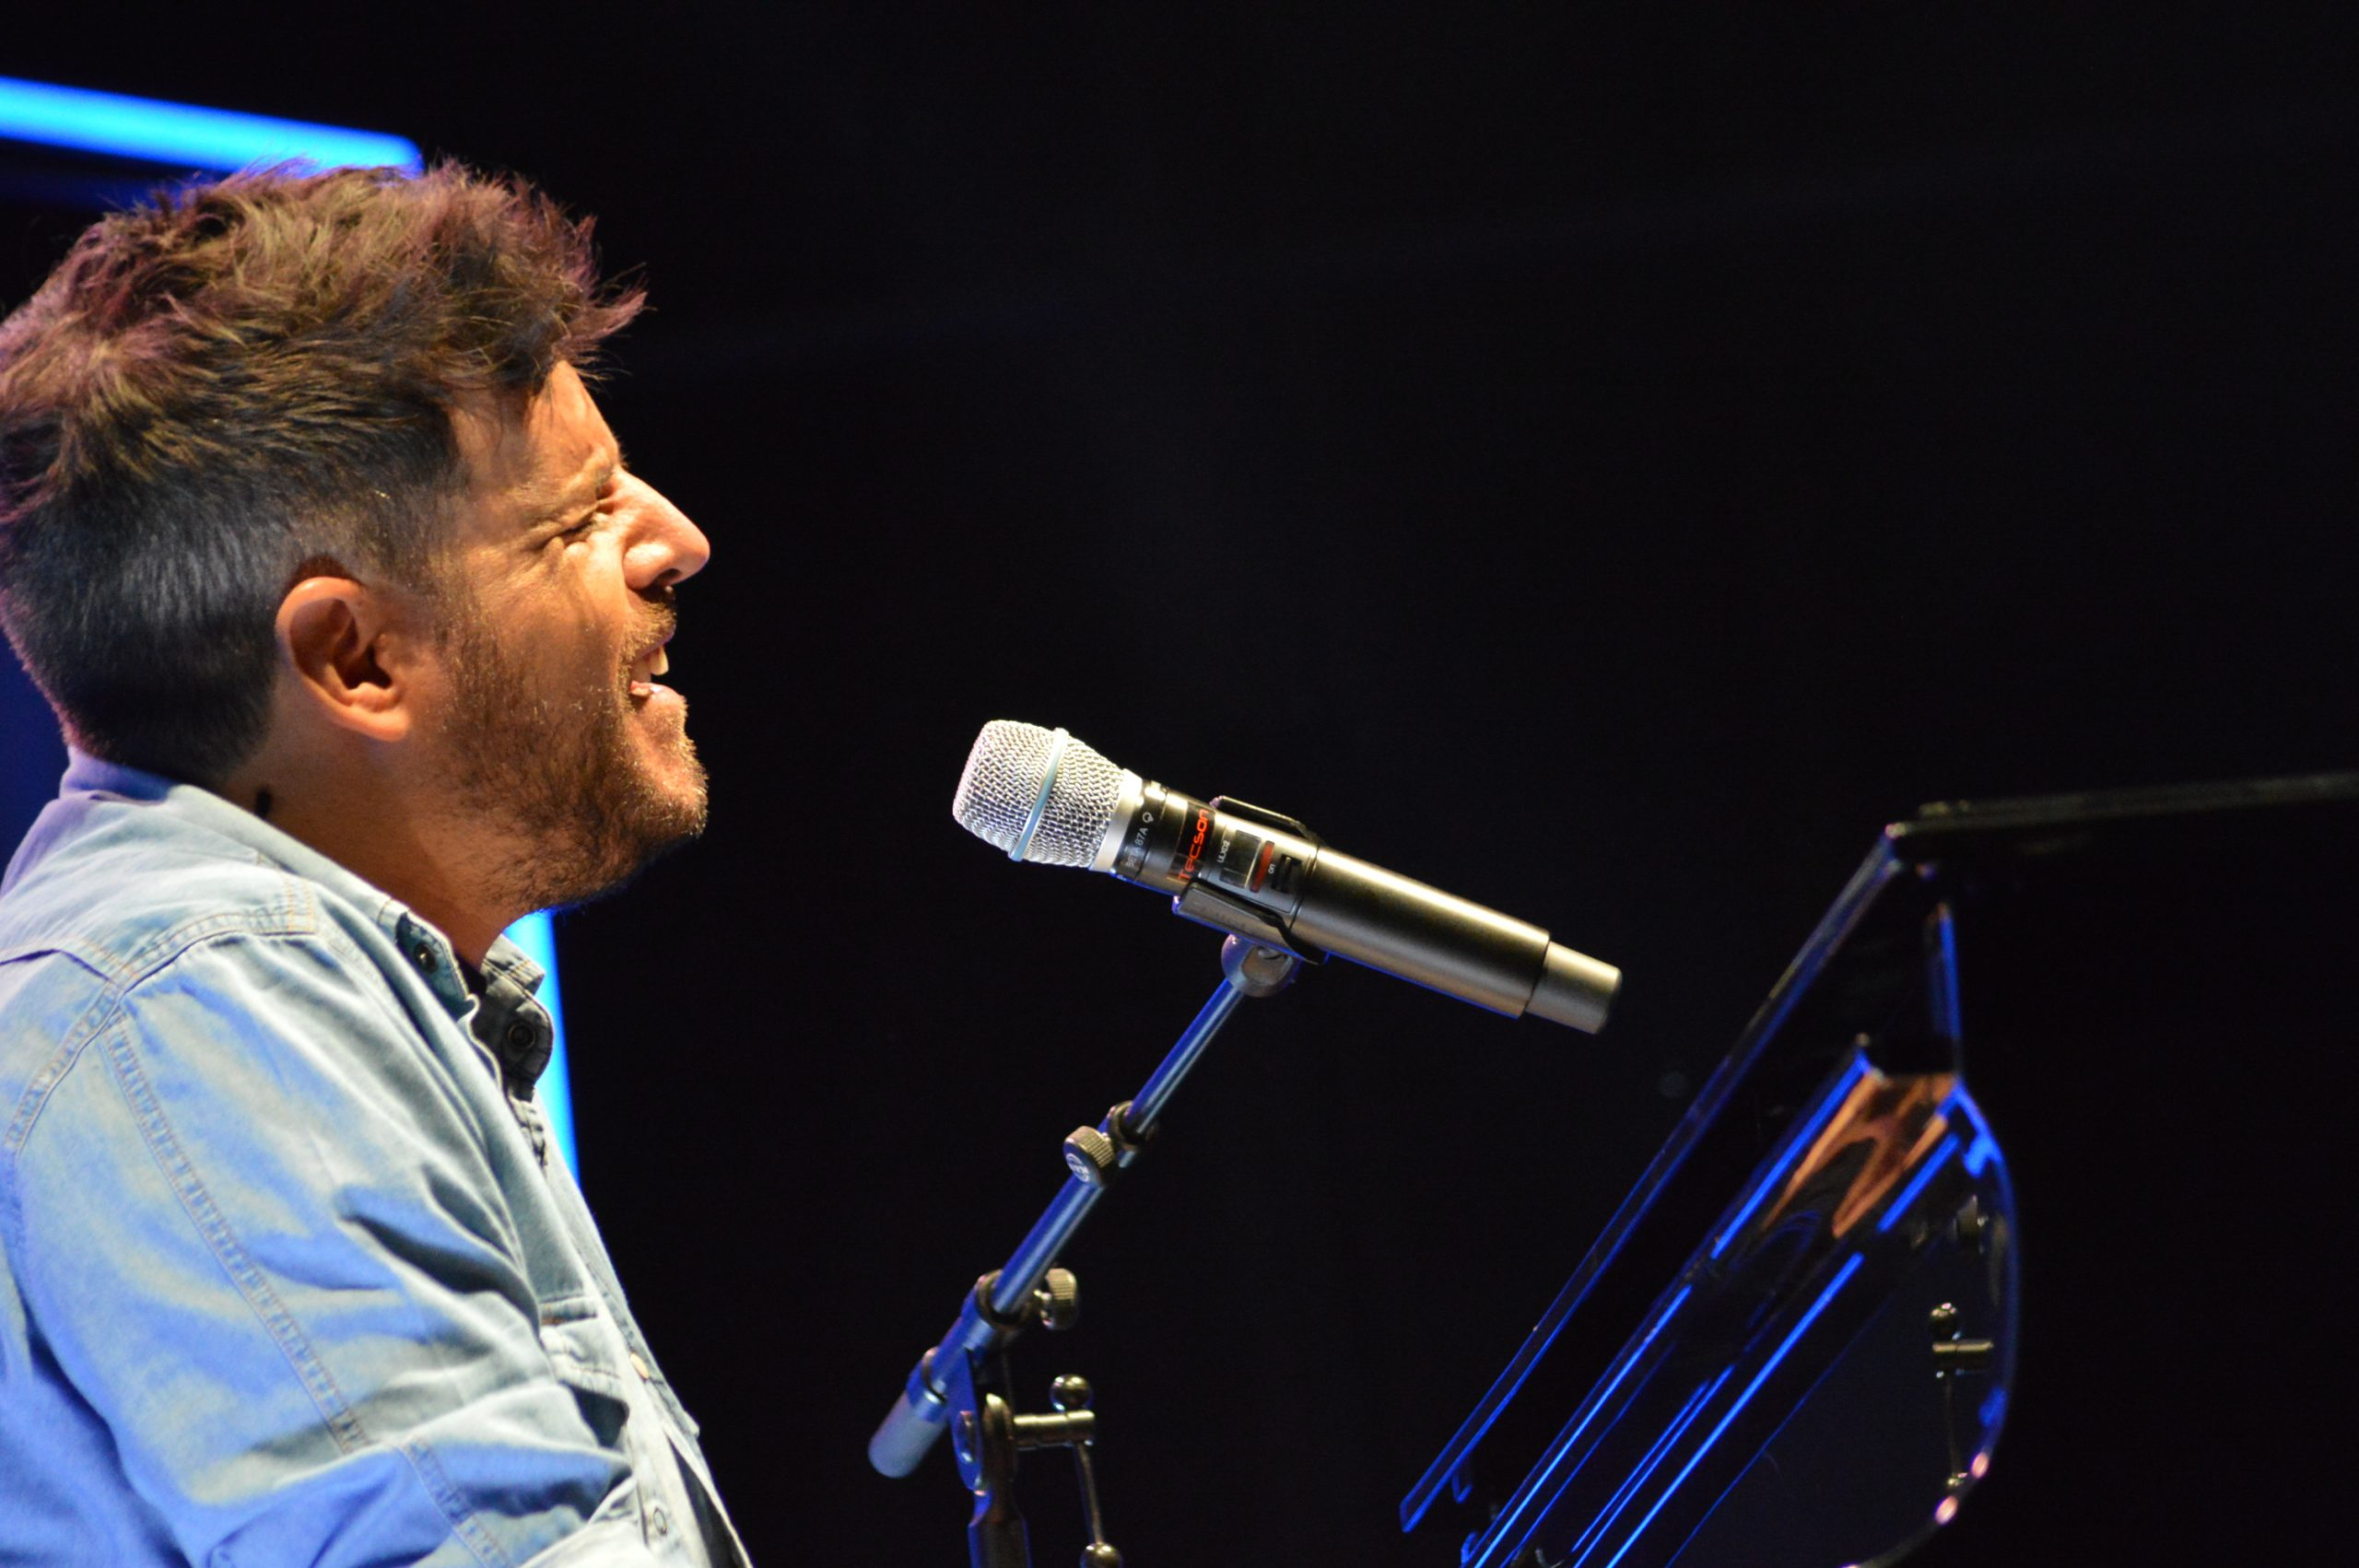 La gira 'López, piano y voz' de Pablo López pone el broche final a las fiestas de la Encina que nunca hubiéramos querido vivir 8